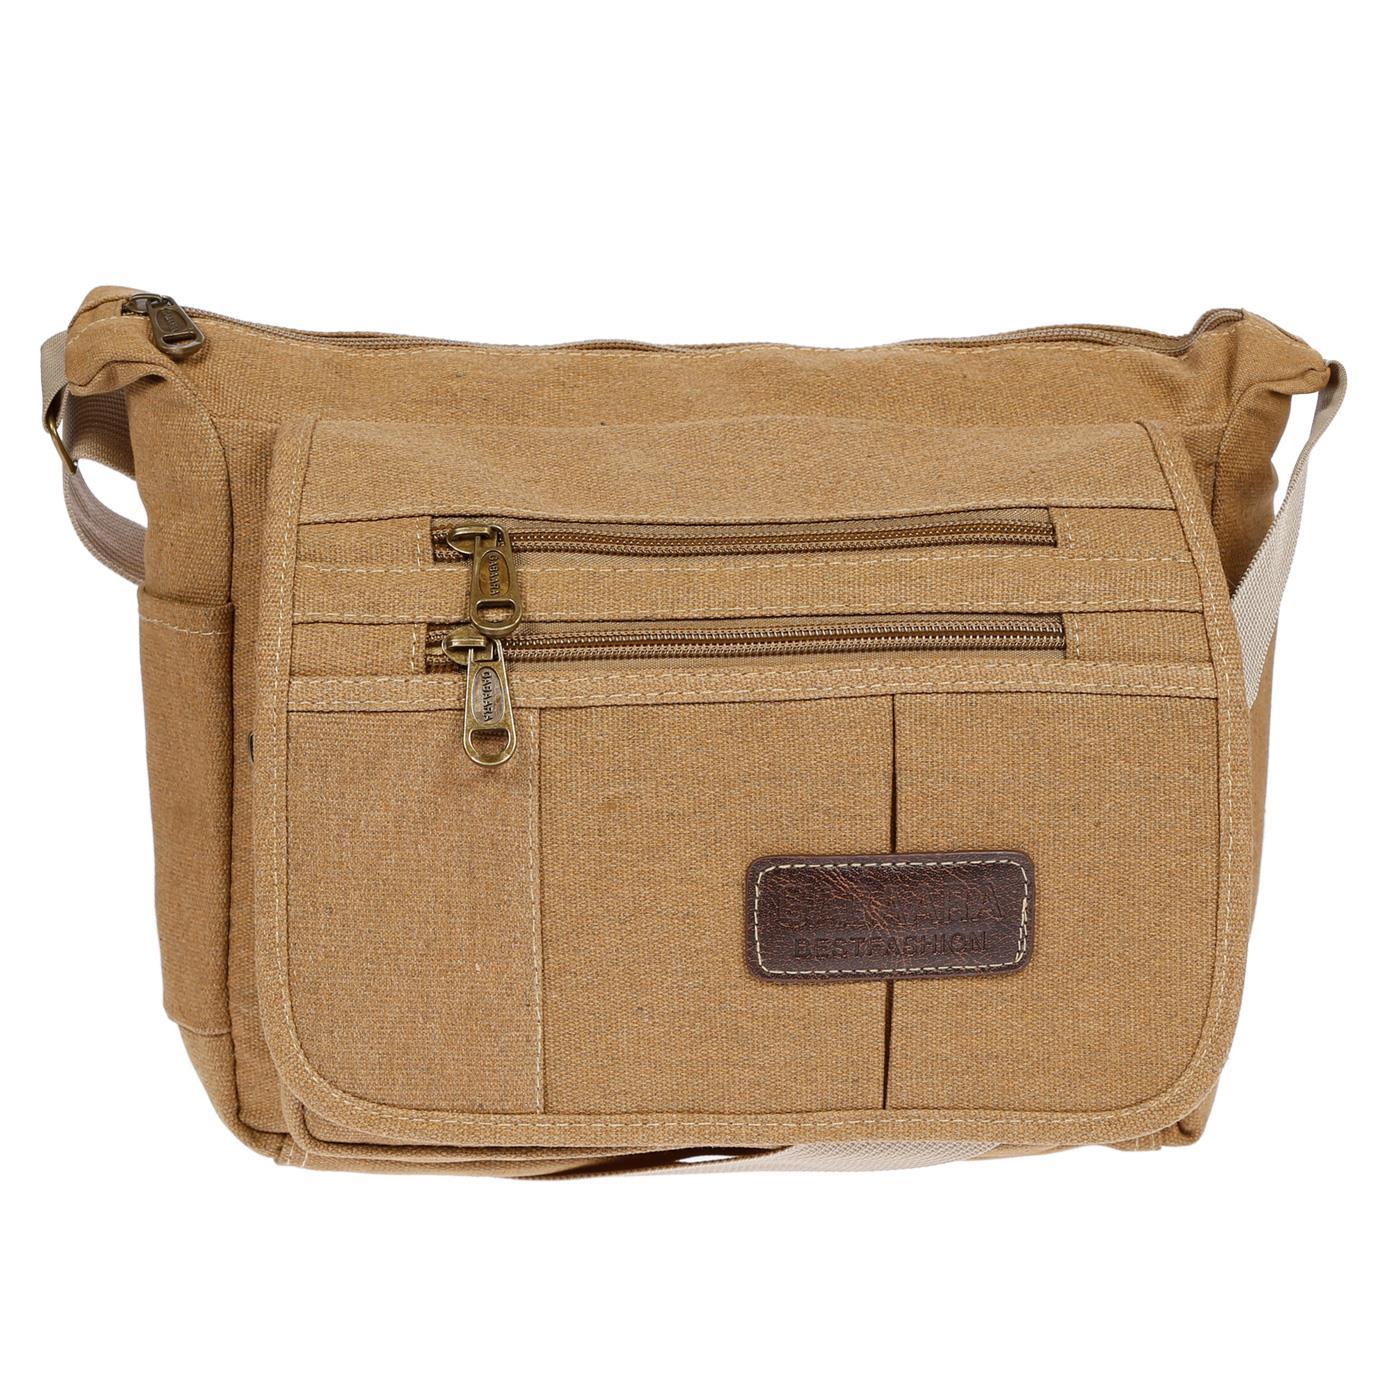 Damen-Tasche-Canvas-Umhaengetasche-Schultertasche-Crossover-Bag-Damenhandtasche Indexbild 44